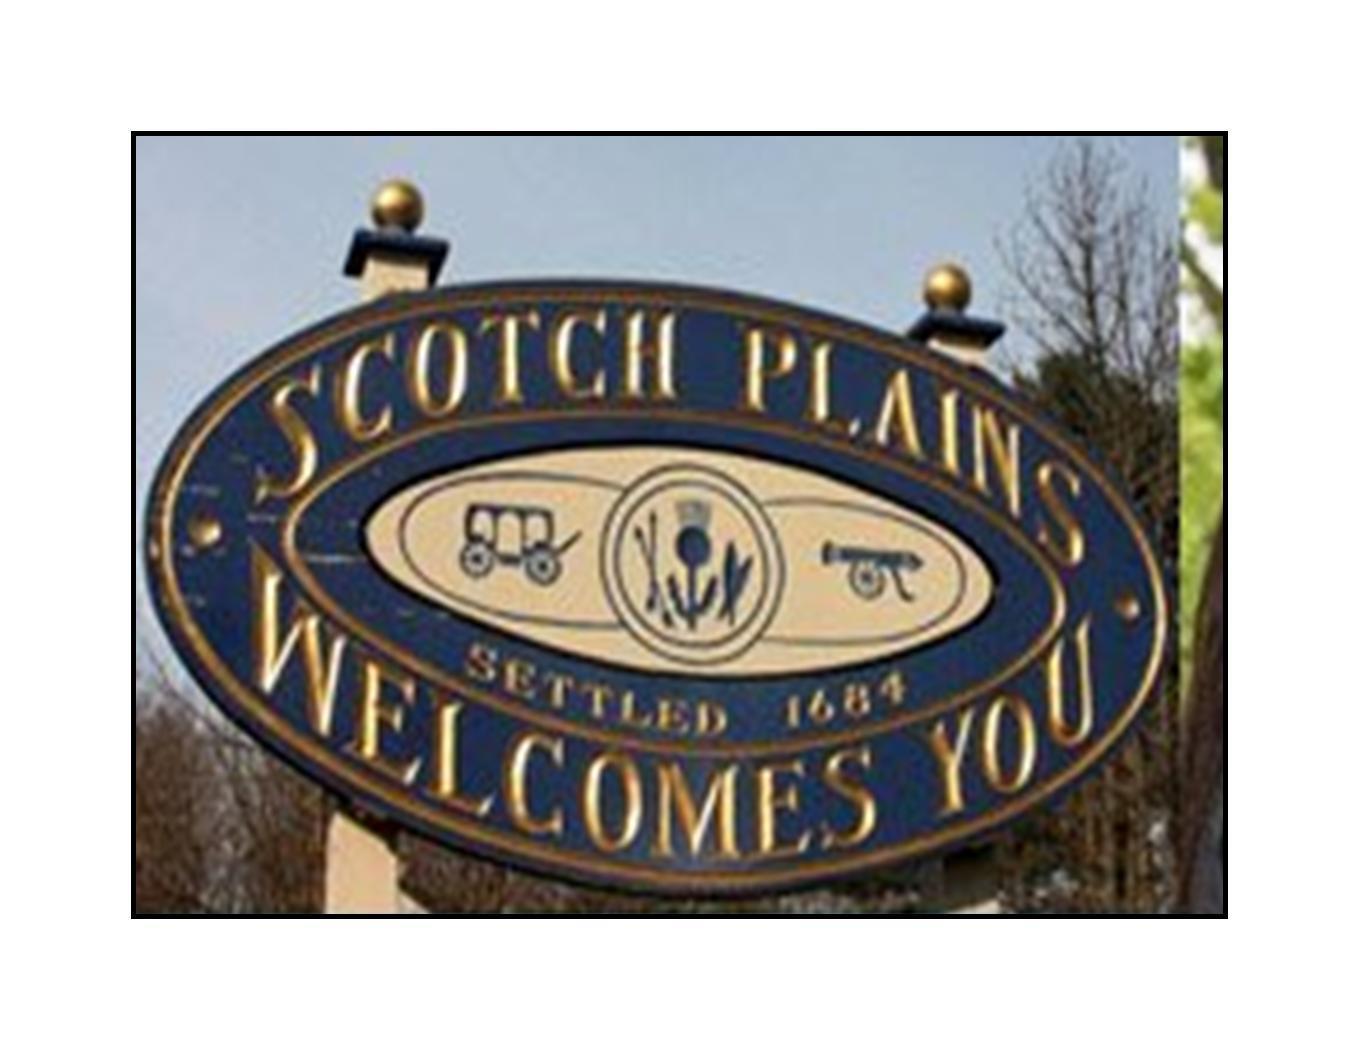 fb88fca329a522a98bf8_Scotch_Plains_welcome_sign.jpg